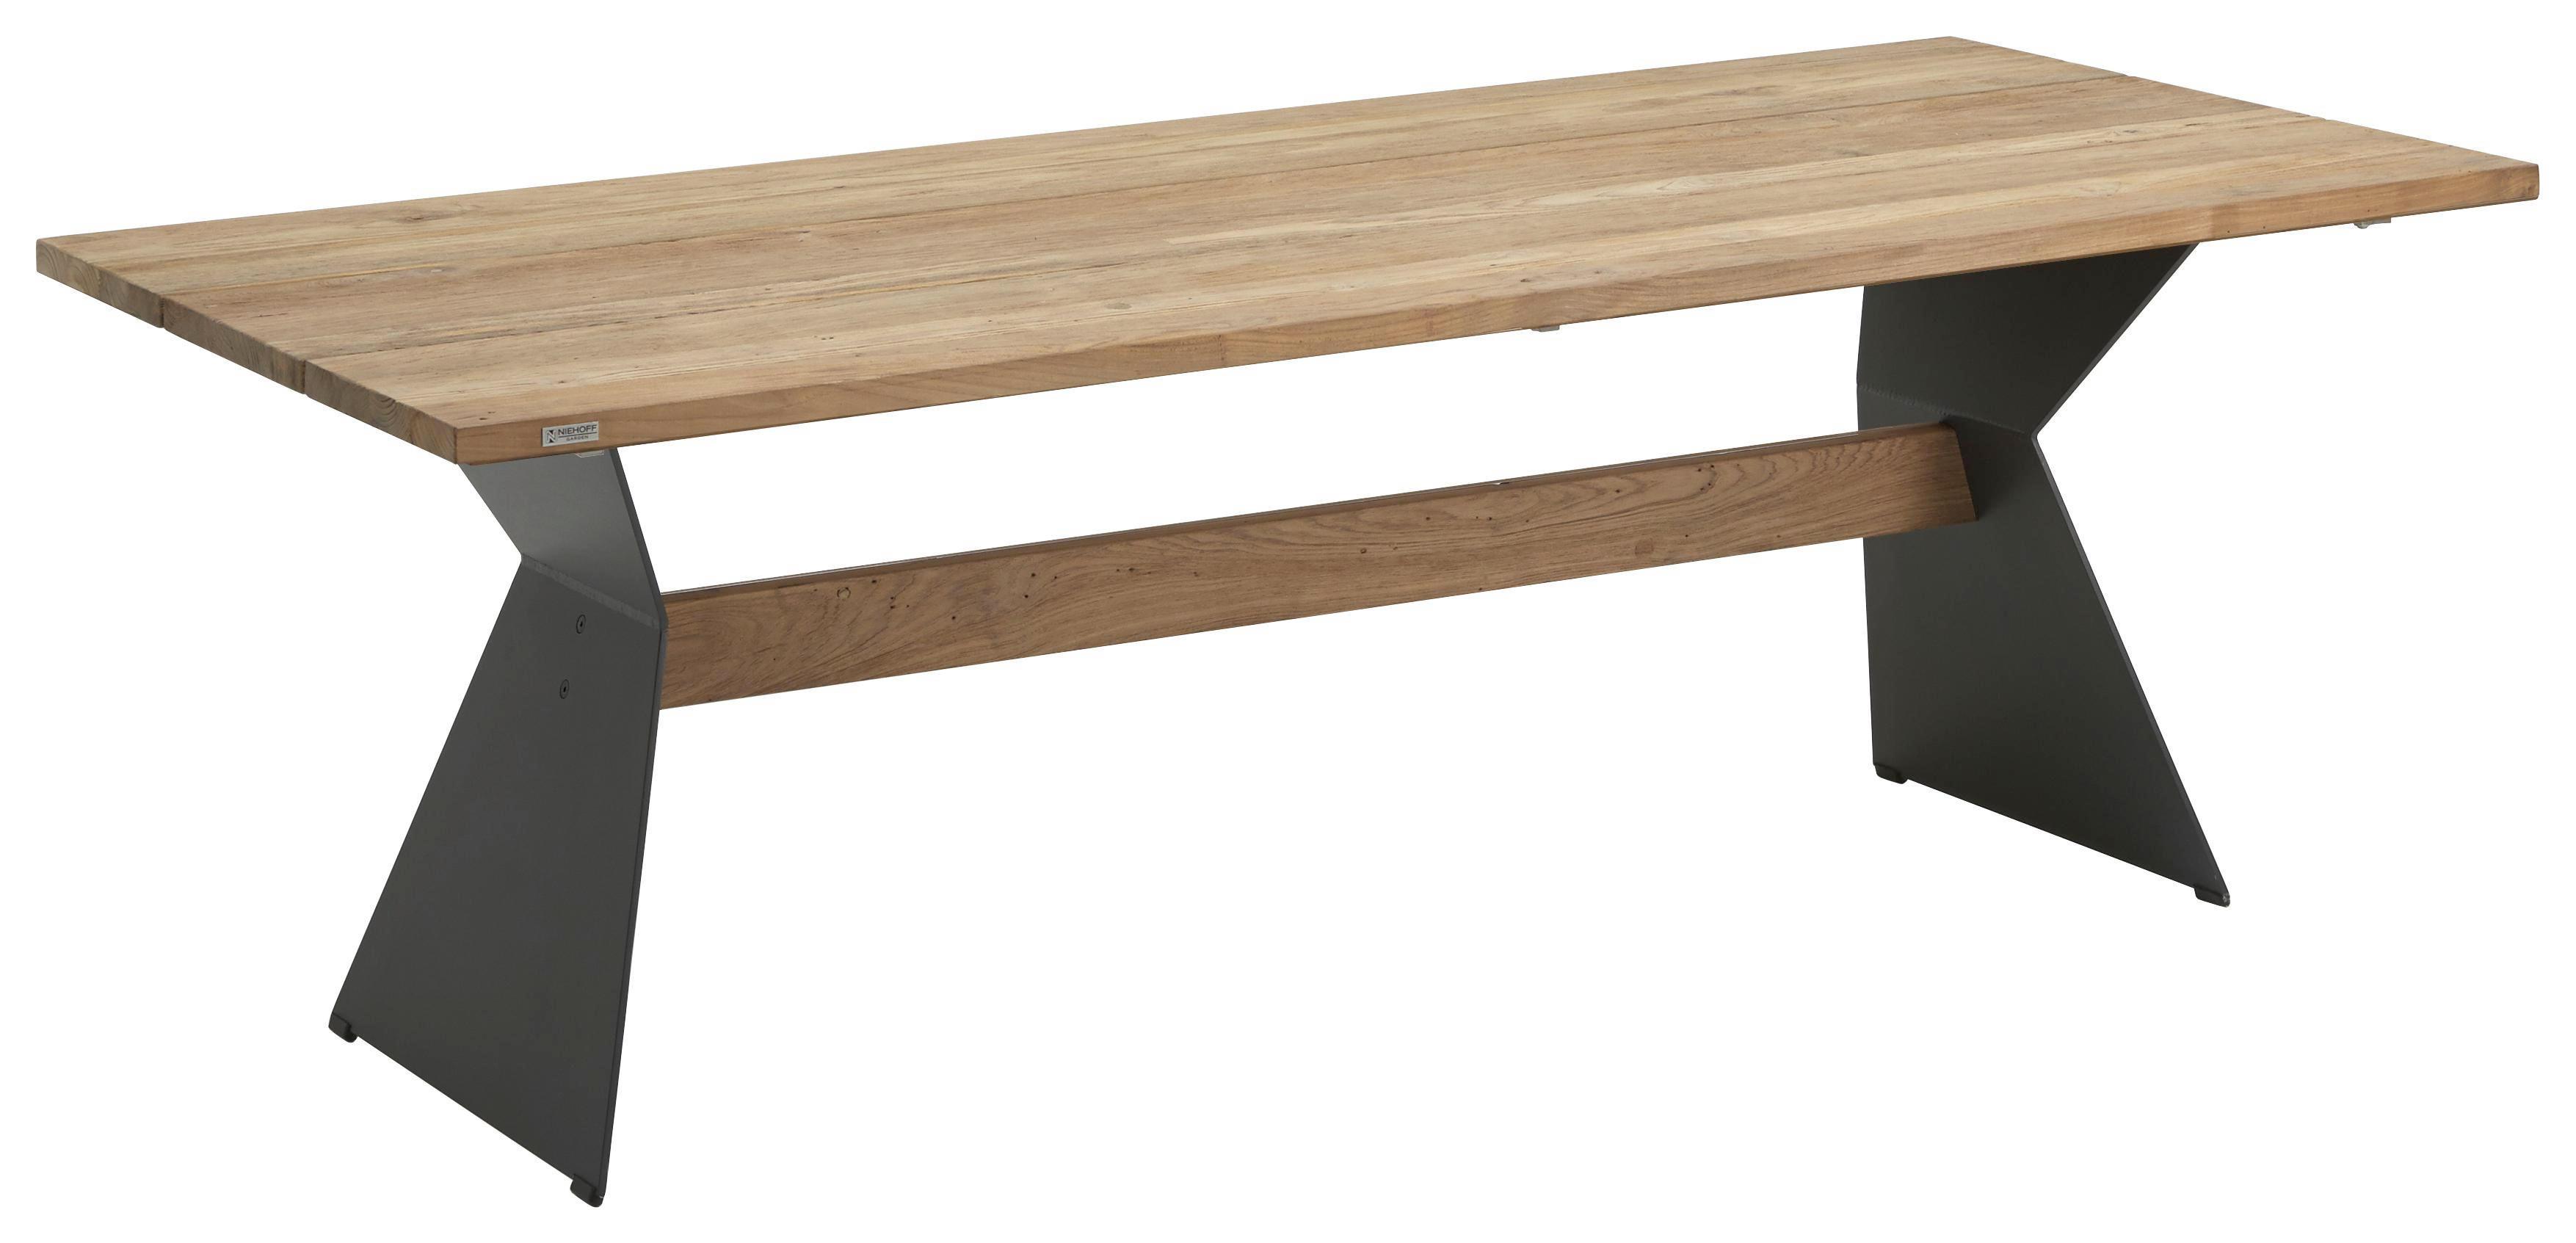 Balkontisch metall holz  Holz Gartentisch Preisvergleich • Die besten Angebote online kaufen